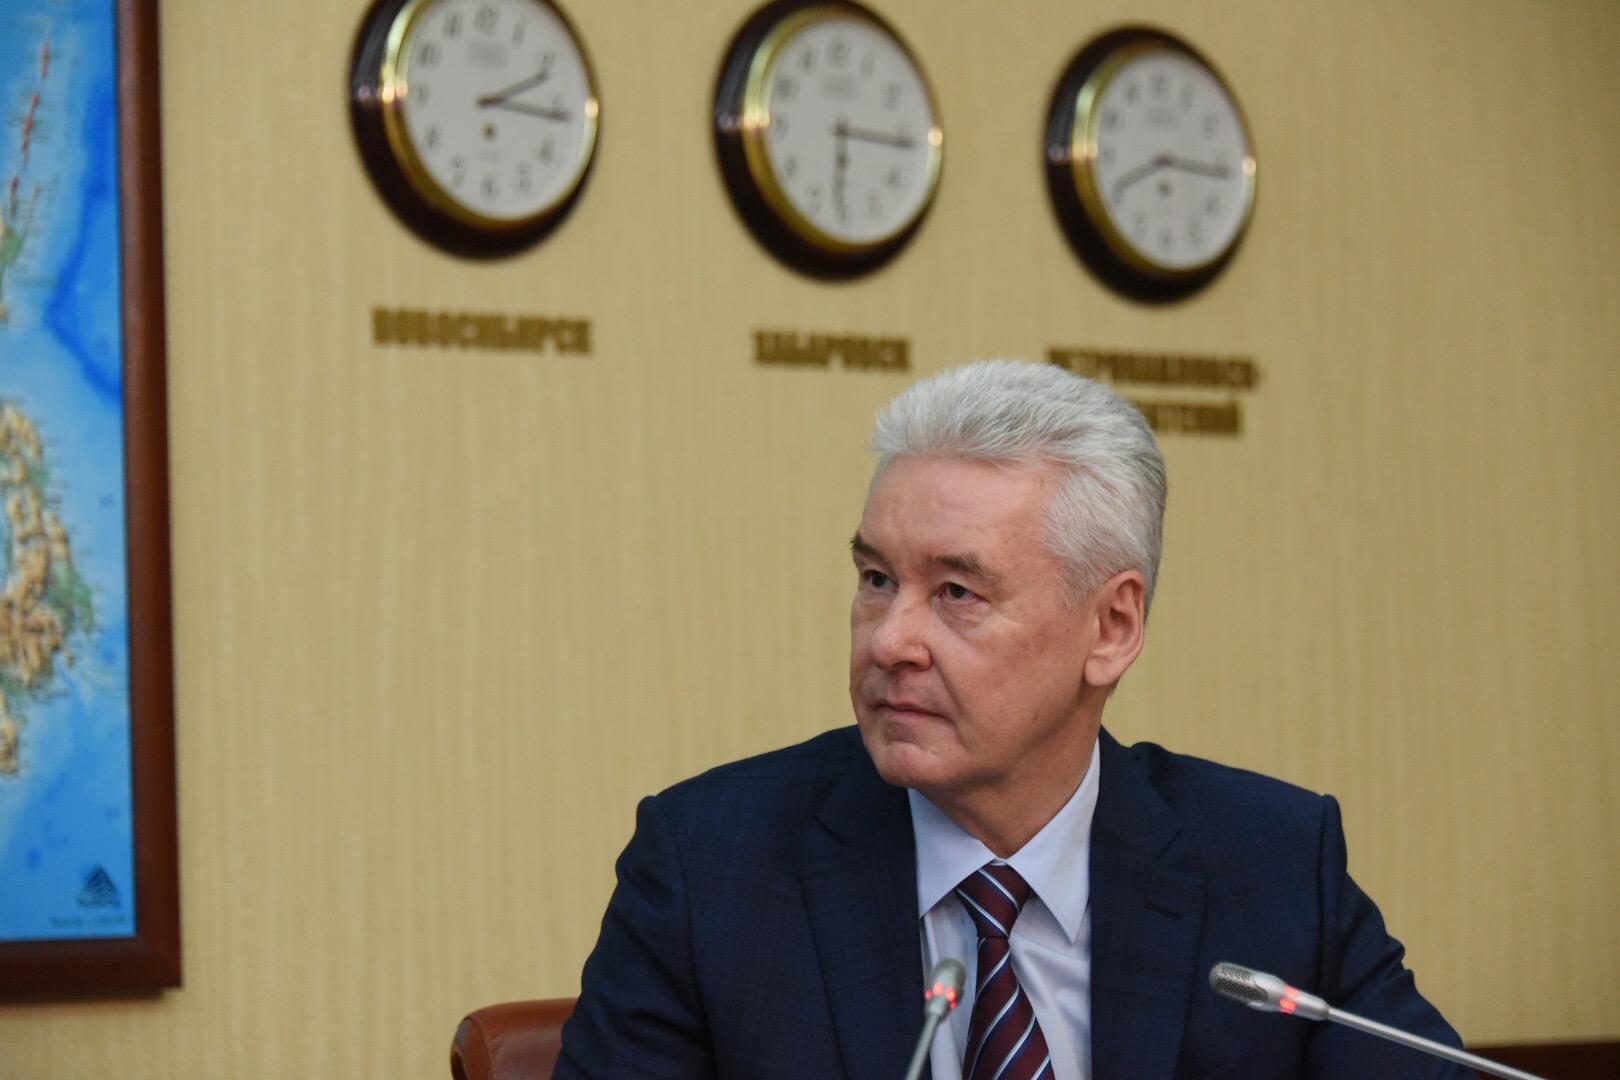 Собянин рассказал о ходе реконструкции Боткинской больницы. Фото: мэр Москвы Сергей Собянин